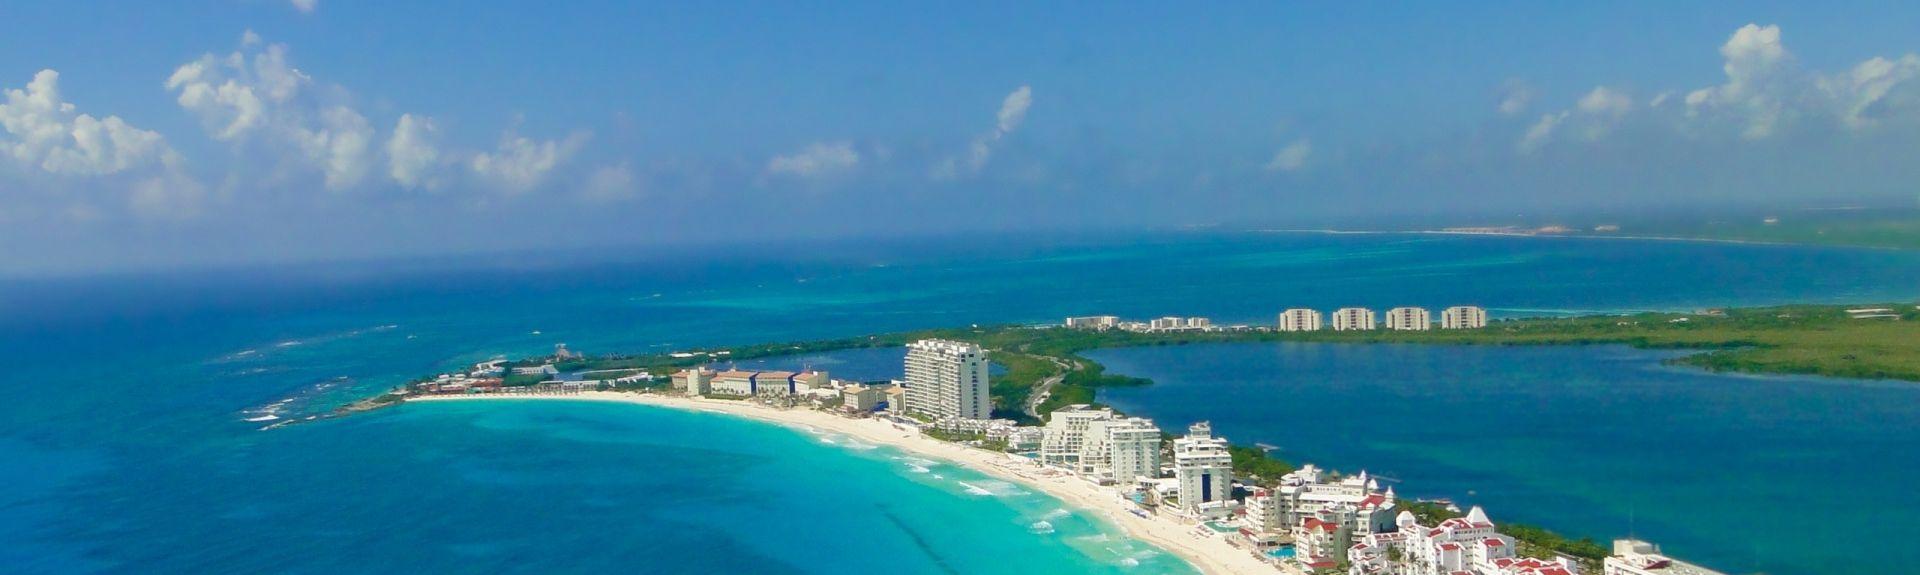 Villas Marlin (Cancun, Quintana Roo, México)